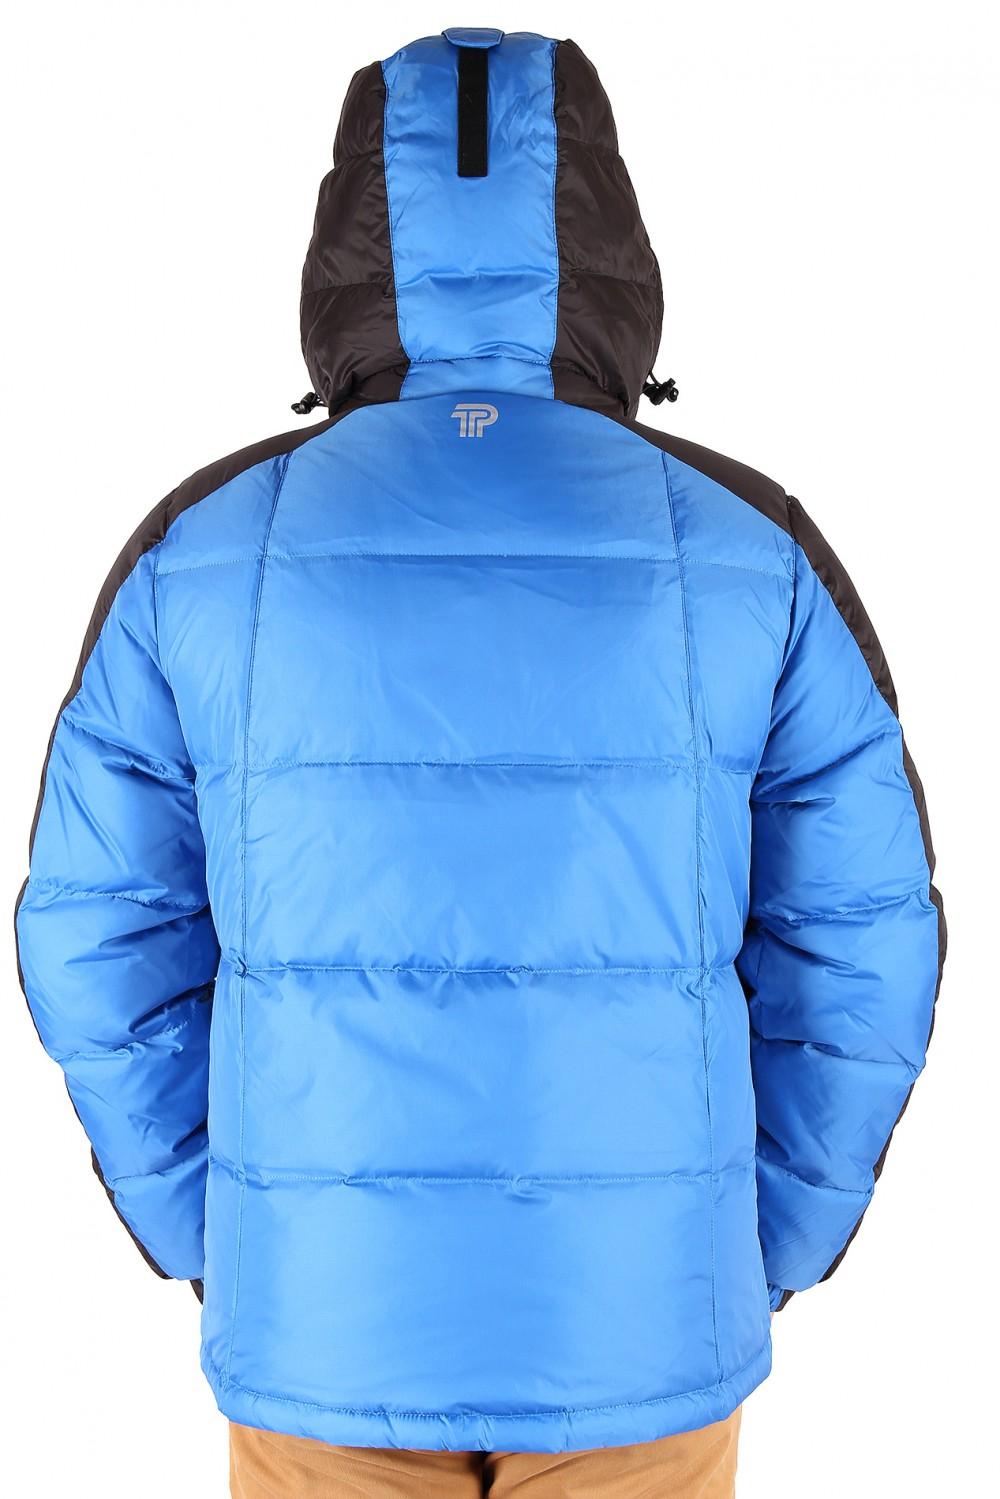 Купить оптом Куртка пуховик мужская синего цвета 9872S в Омске